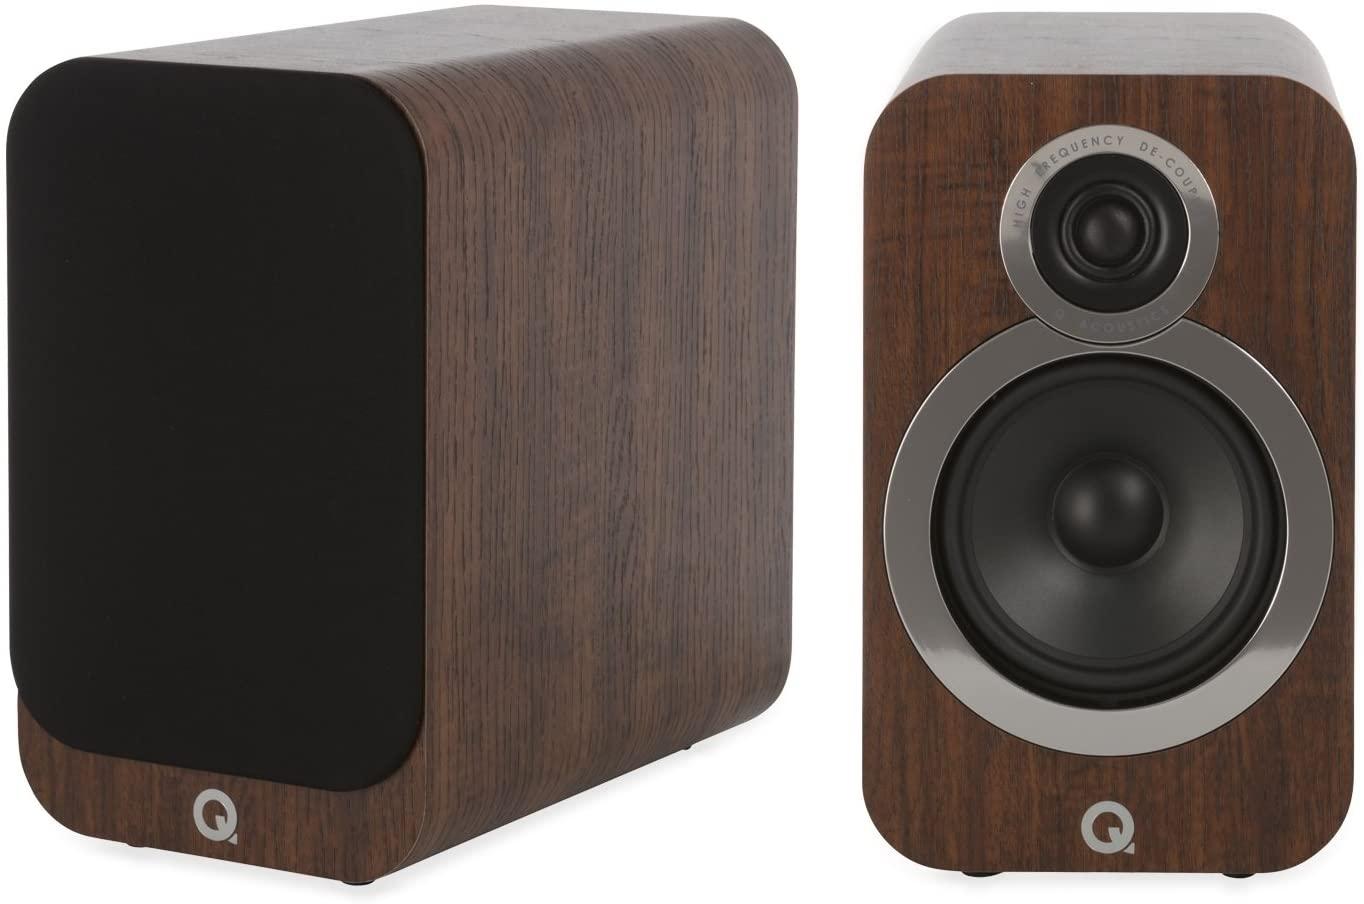 Q Acoustics 3020i Bookshelf Speakers (Pair) £169 at Amazon